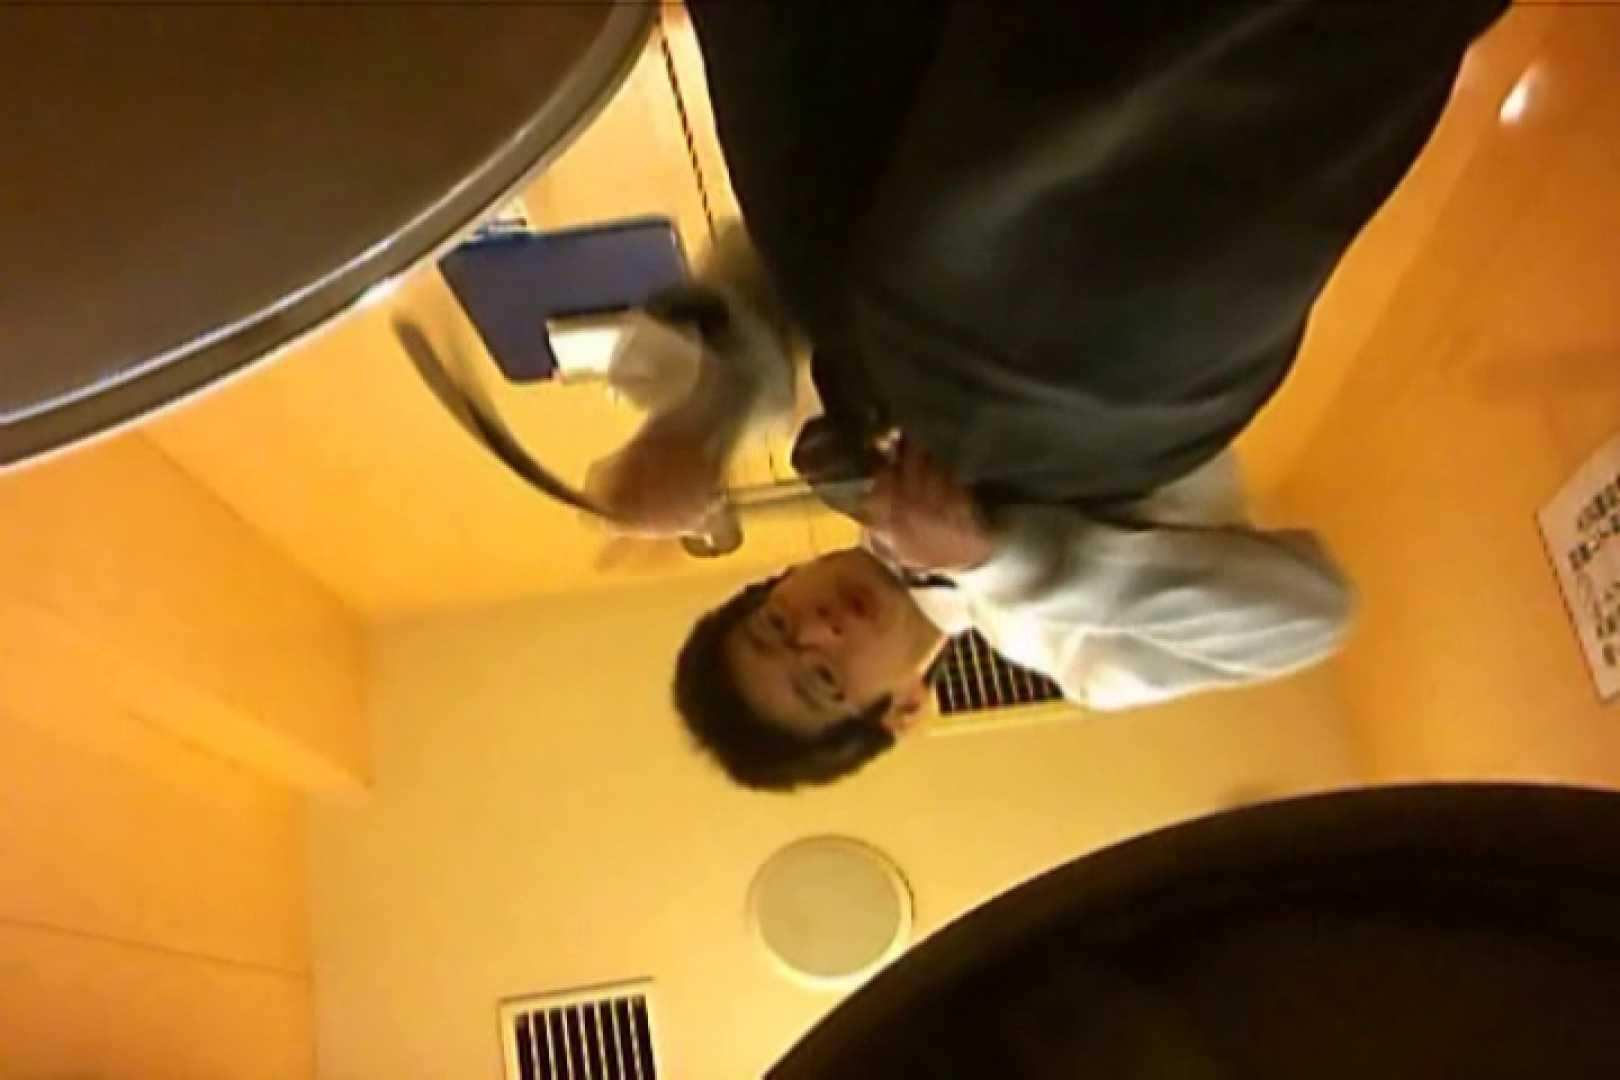 SEASON 2ND!掴み取りさんの洗面所覗き!in新幹線!VOL.18 スジ筋系ボーイズ | のぞき  100pic 19